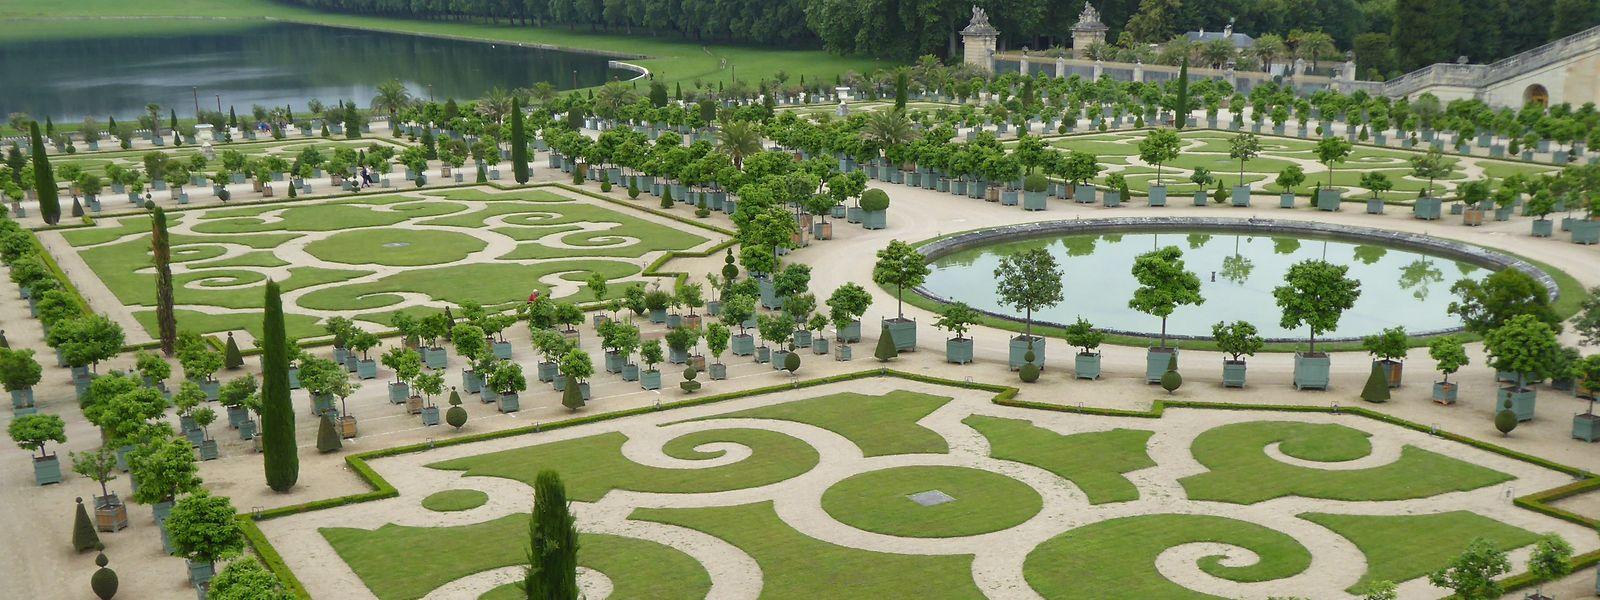 Die Versailler Gartenanlage wurde im Jahr 1661 im Auftrag von Louis XIV. errichtet und vom Landschaftsgestalter André Le Nôtre entworfen.